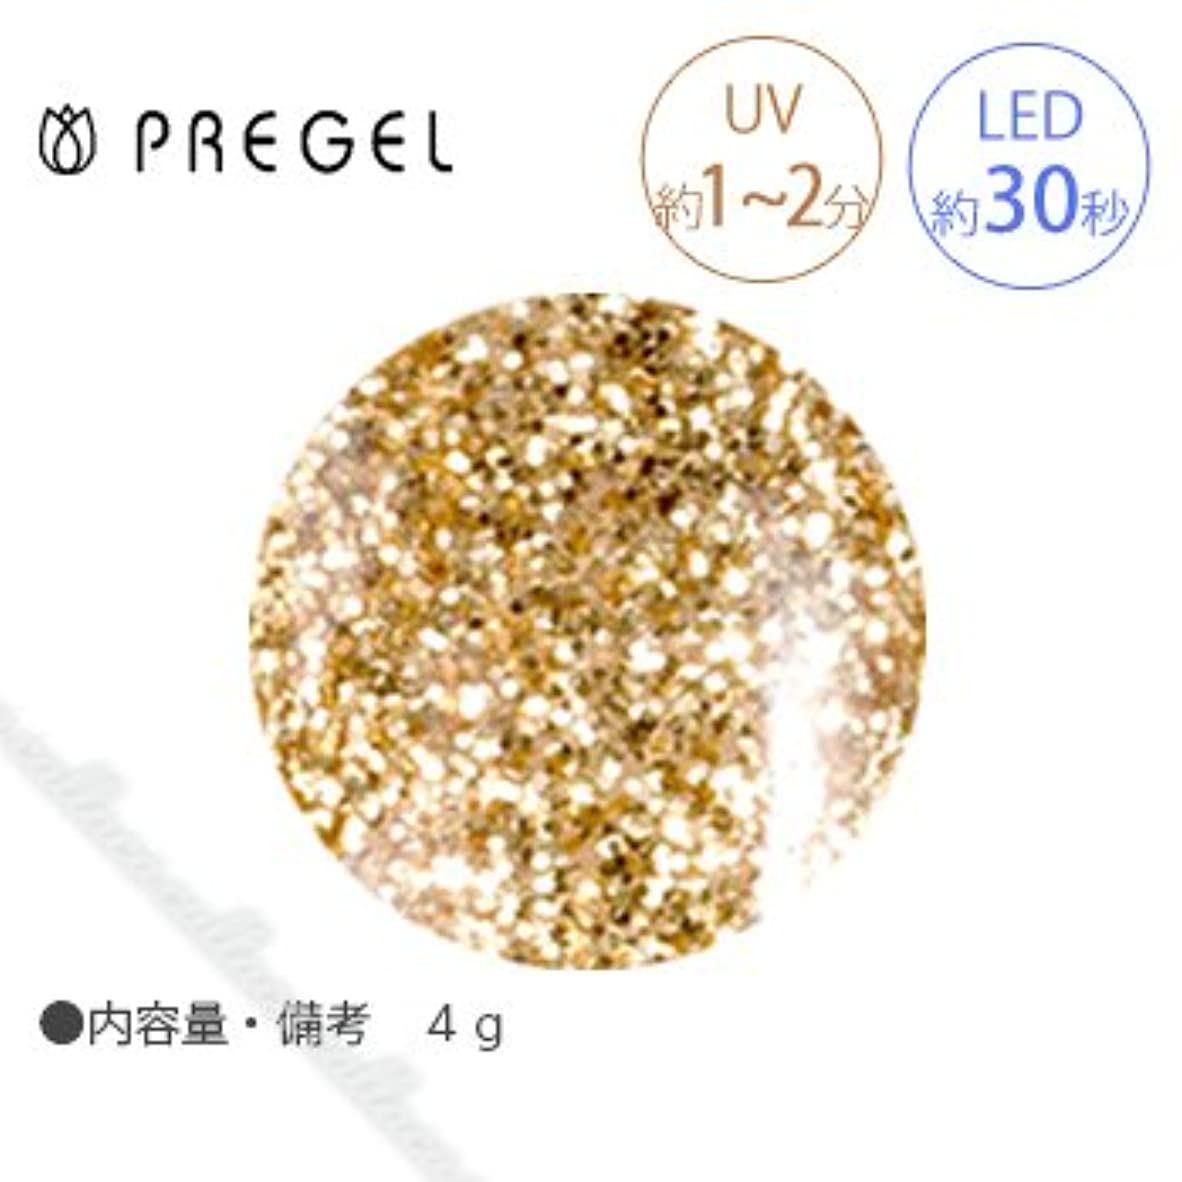 統治可能非アクティブ従来の【PREGEL】 プリジェル カラーEX ダイヤモンドシリーズ ダイヤモンドブロンズ PG-CE402 4g